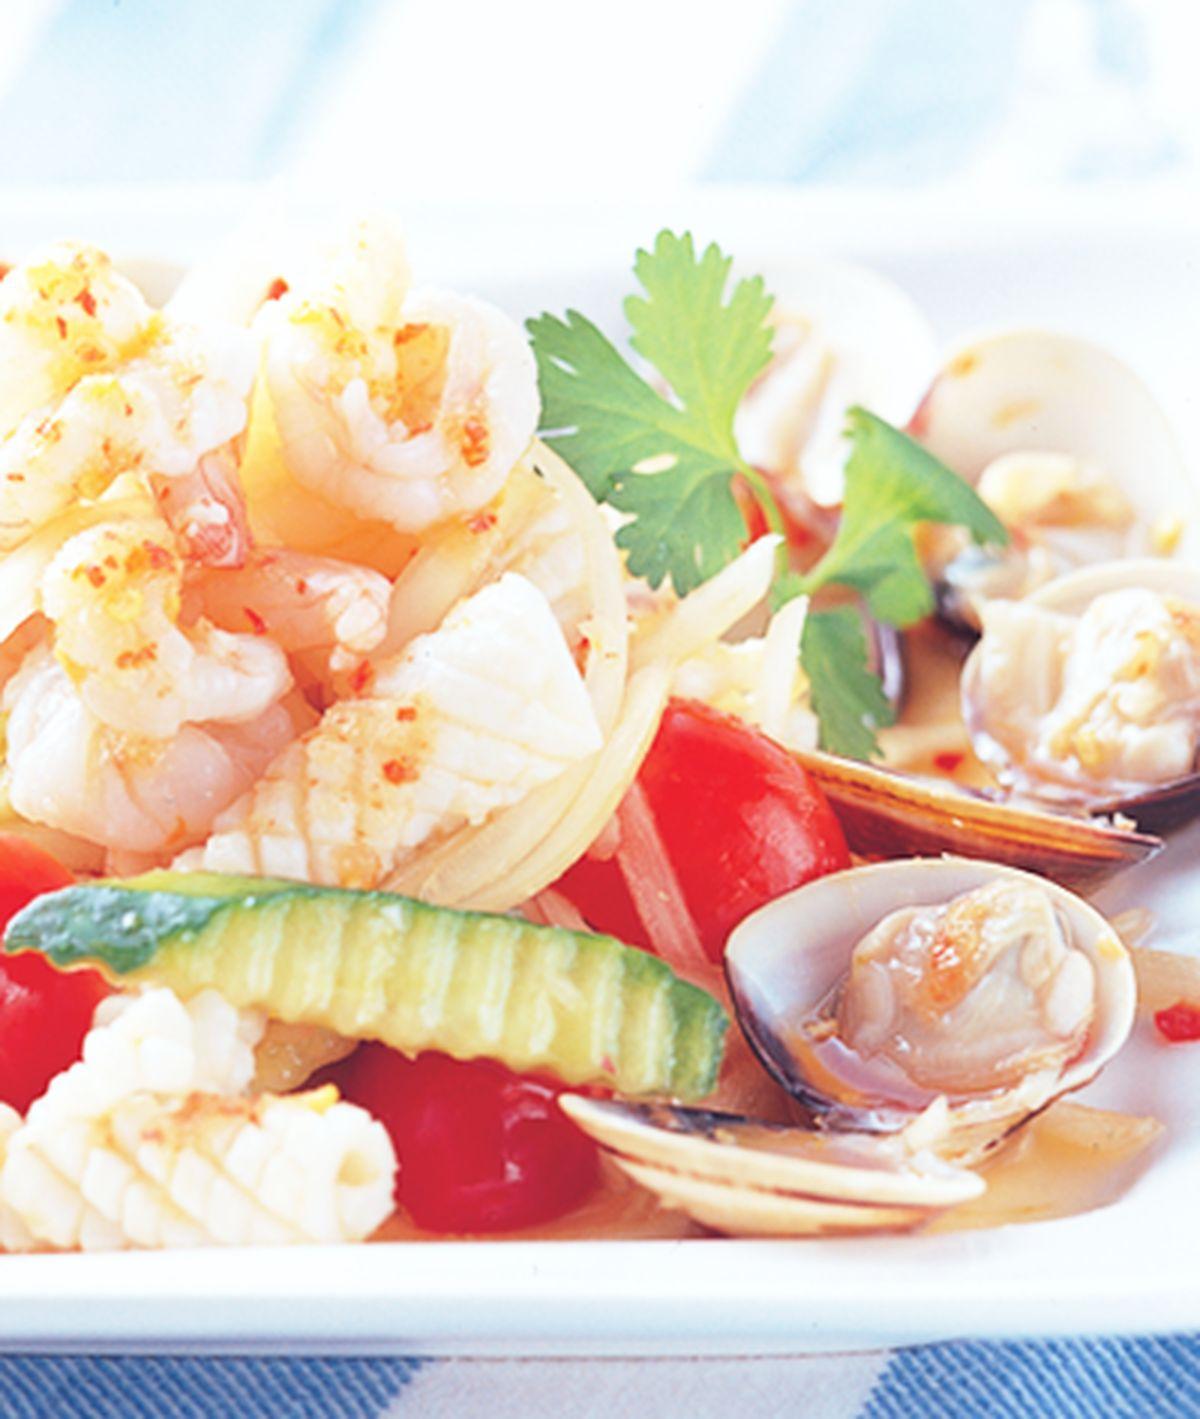 食譜:海鮮沙律